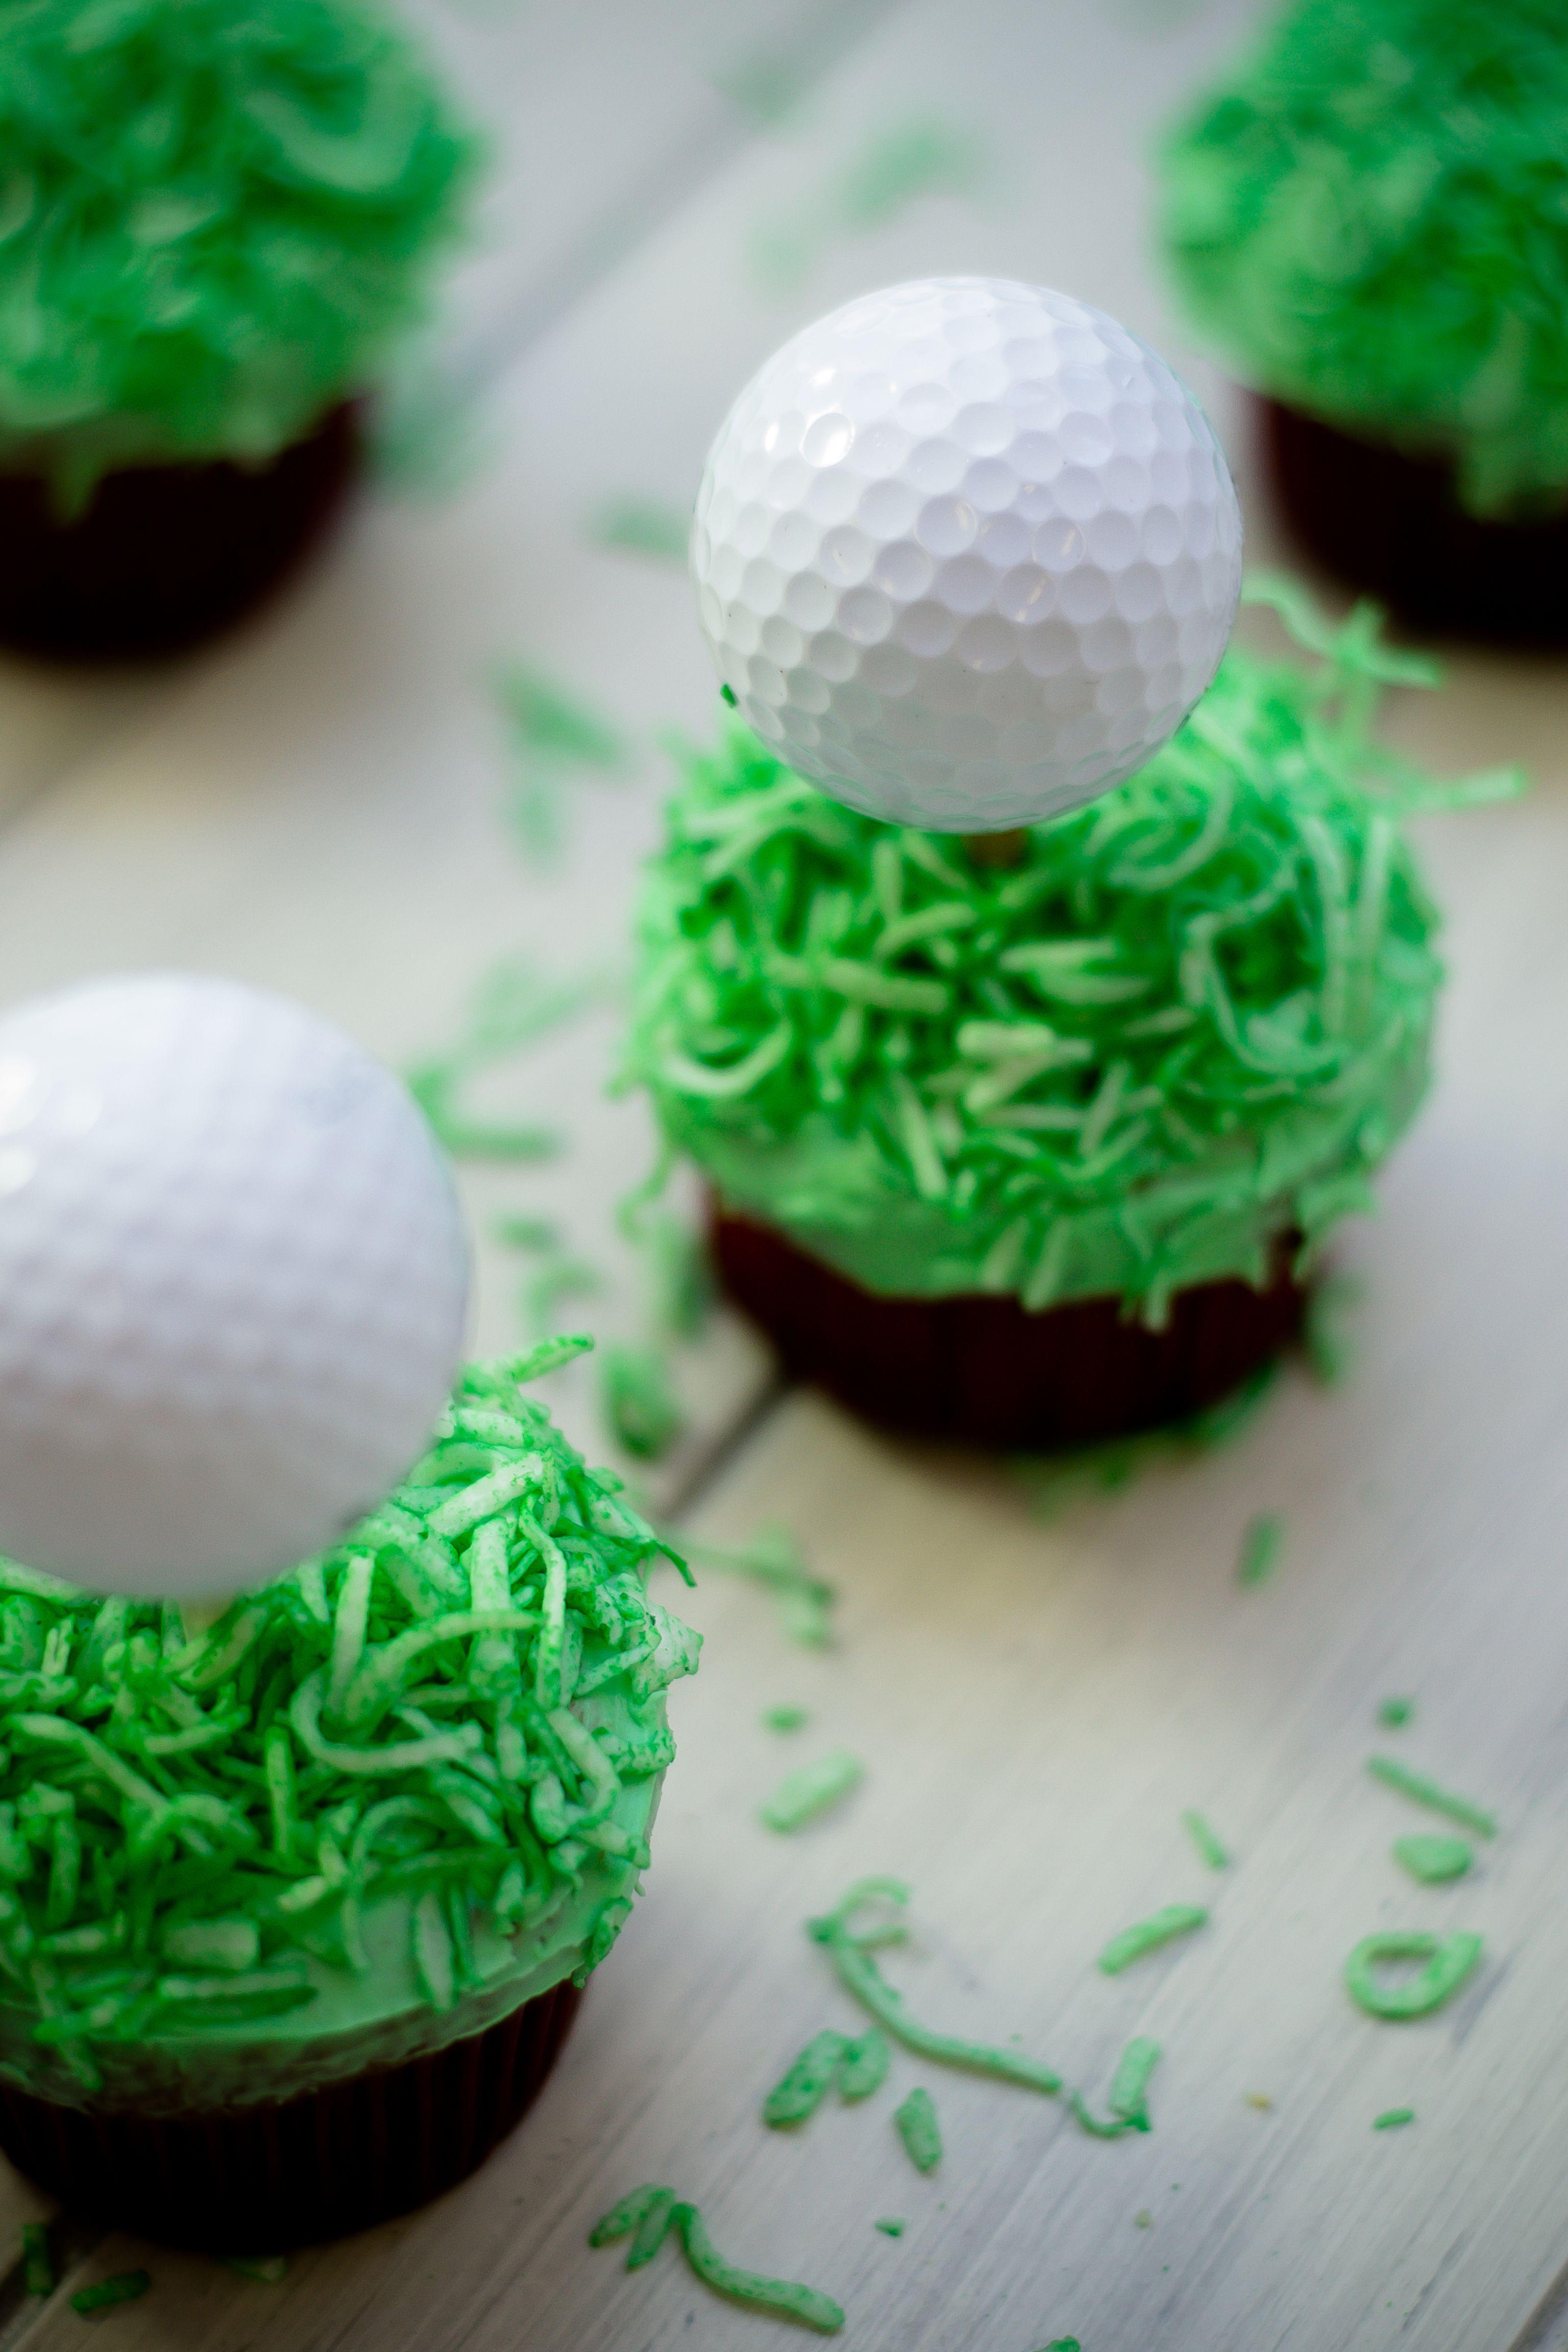 Los mejores cupcakes de vainilla en forma de golf, ideal para los papás que les encanta este deporte, prepáralos este día del padre y sorprende a papá.